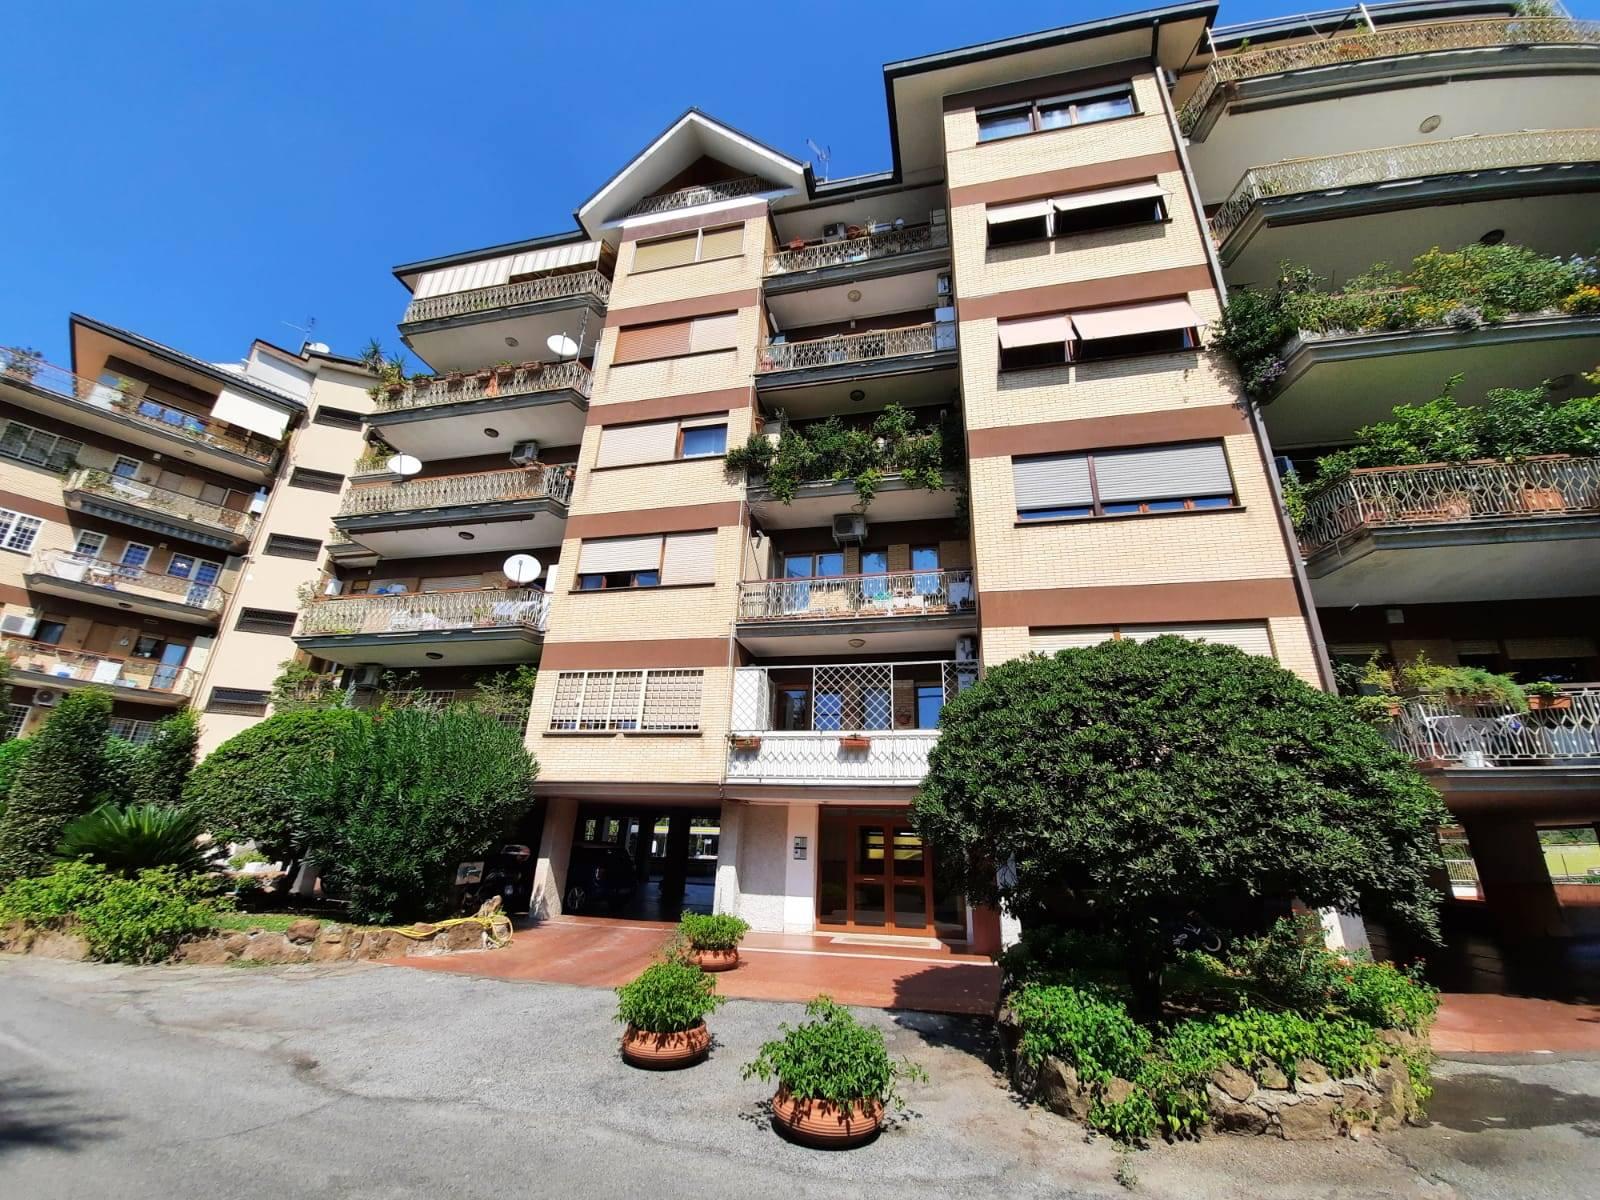 Appartamento in vendita a Roma, 5 locali, zona Zona: 5 . Montesacro - Talenti, prezzo € 430.000   CambioCasa.it